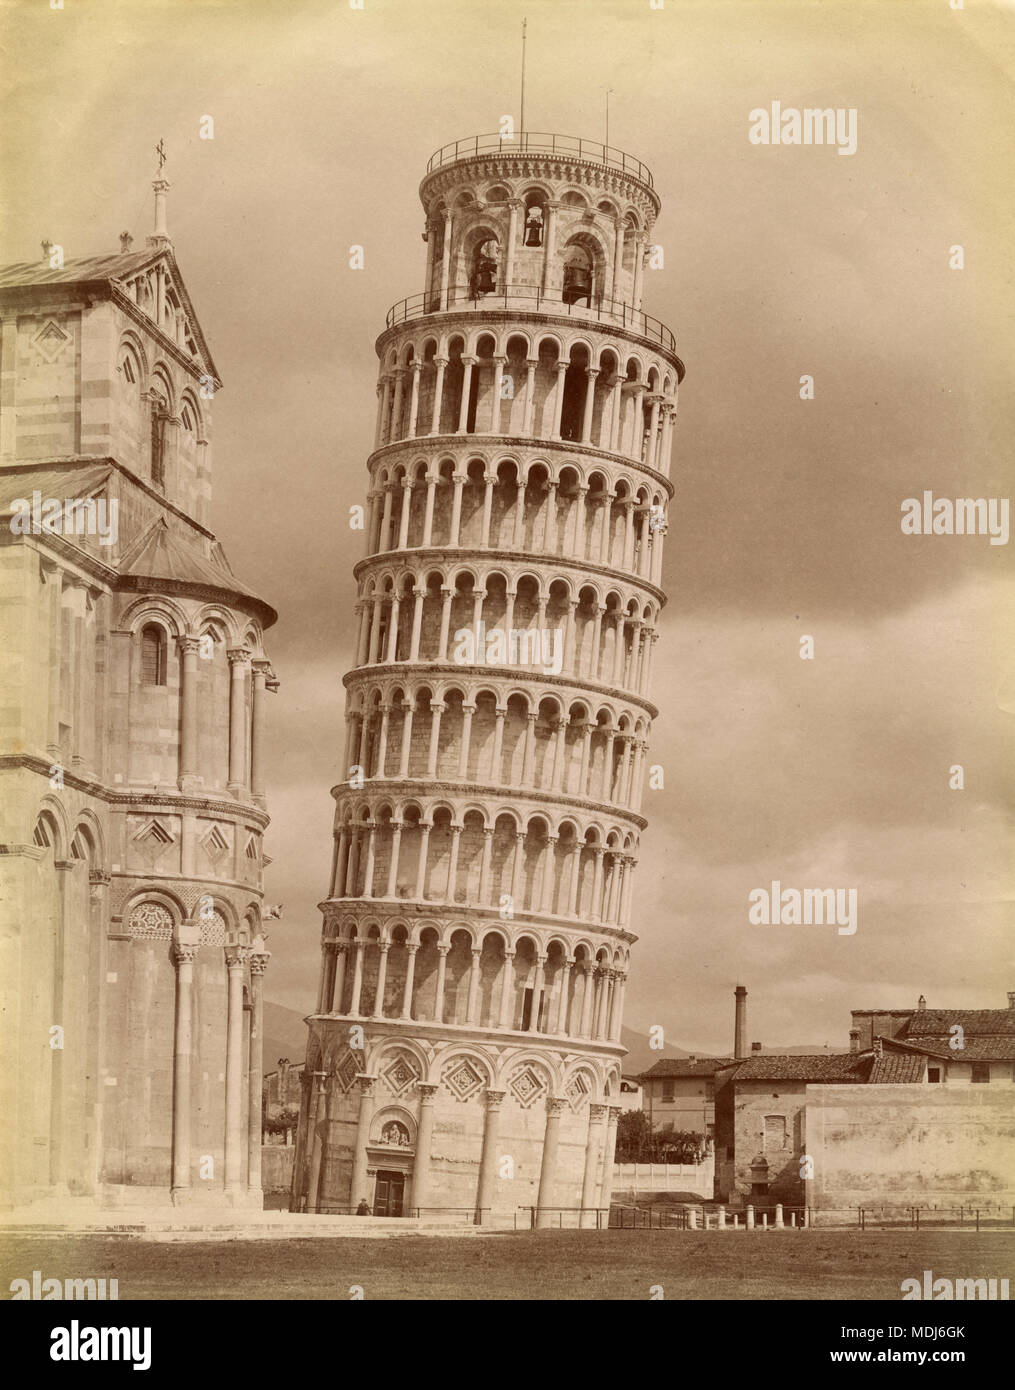 La torre pendente di Pisa, Italia 1880 Foto Stock